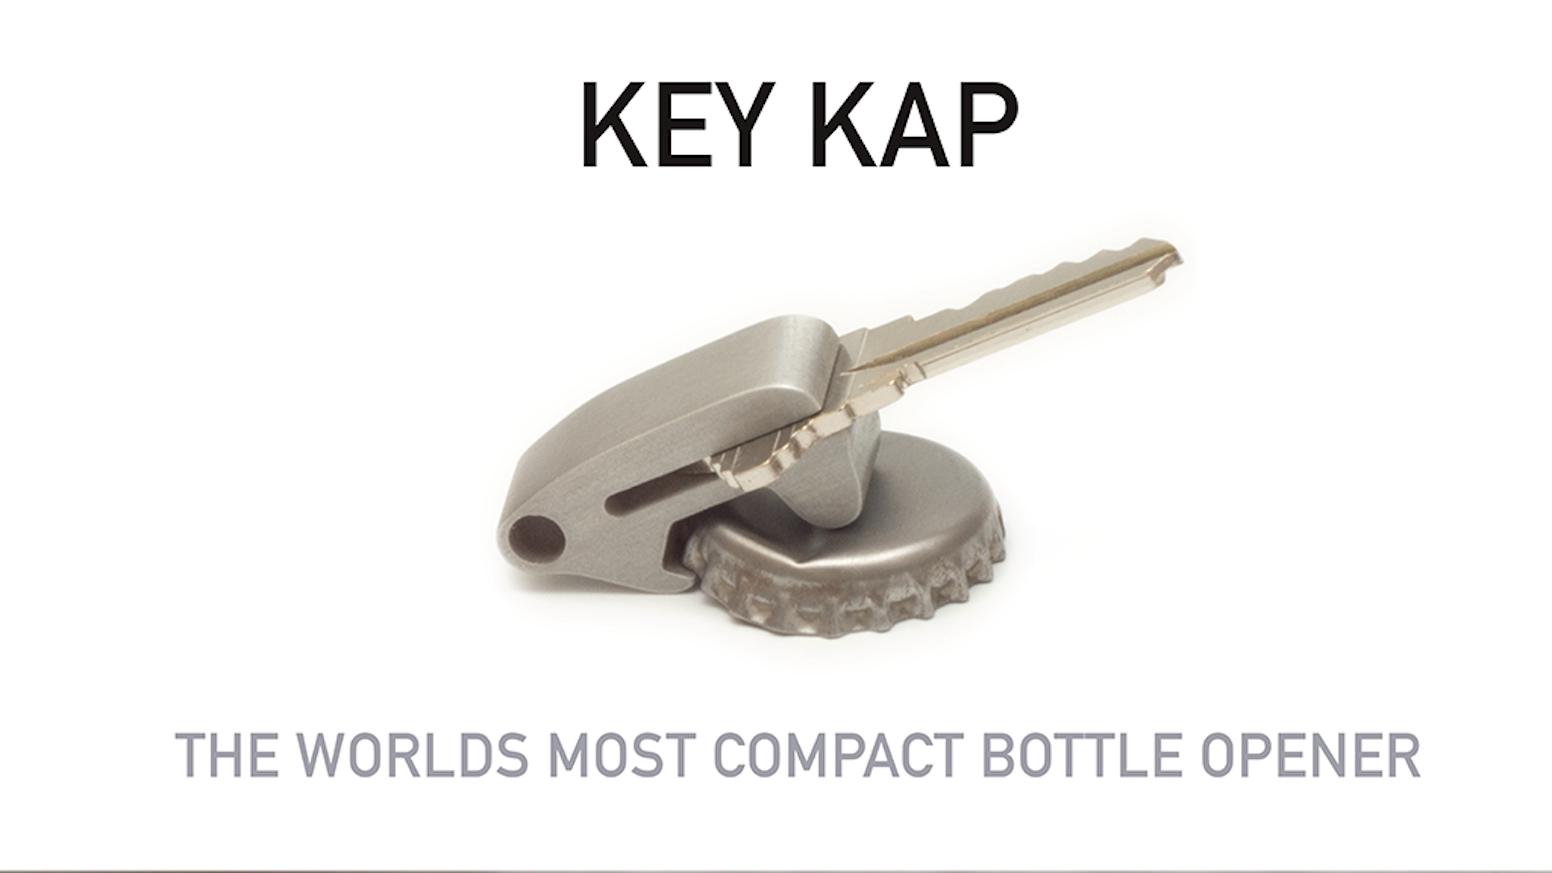 key kap the worlds most compact bottle opener by unvrs design kickstarter. Black Bedroom Furniture Sets. Home Design Ideas